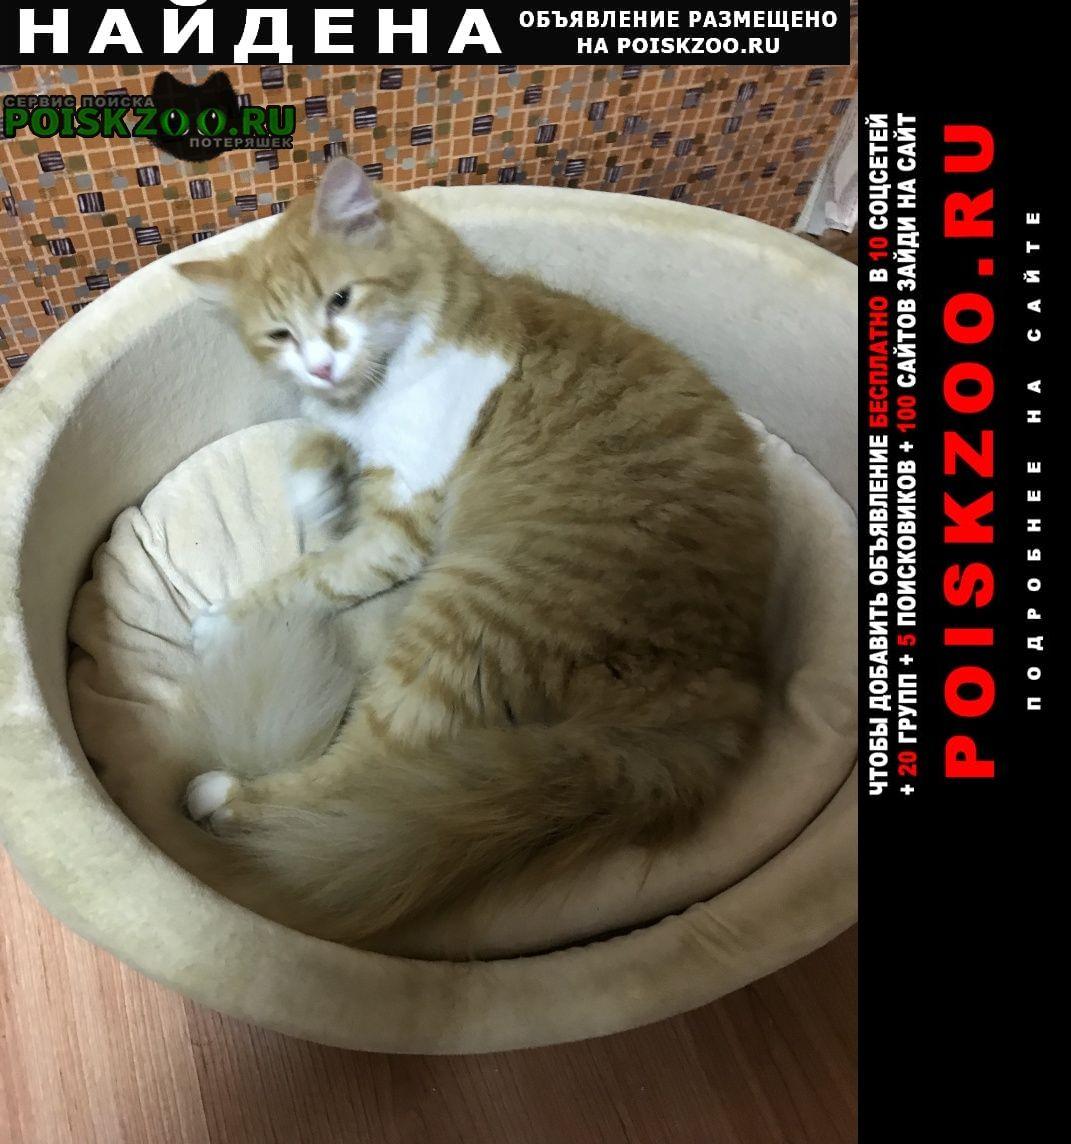 Найдена кошка домашняя рыжая кошечка Химки